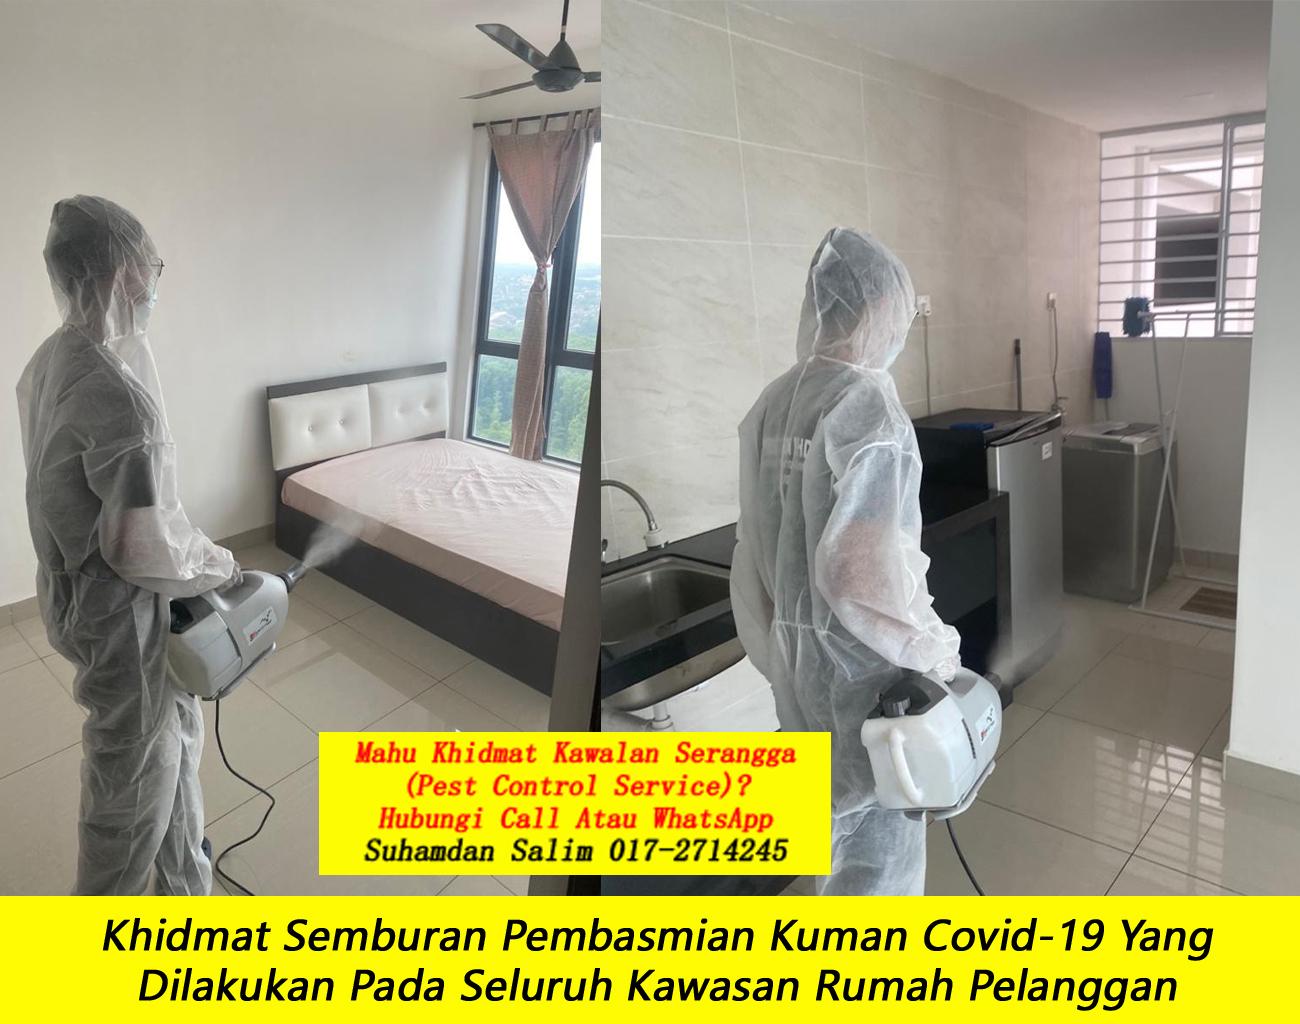 khidmat sanitizing membasmi kuman Covid-19 Disinfection Service semburan sanitize covid 19 paling berkesan dengan harga berpatutan the best service covid-19 banting selangor felda